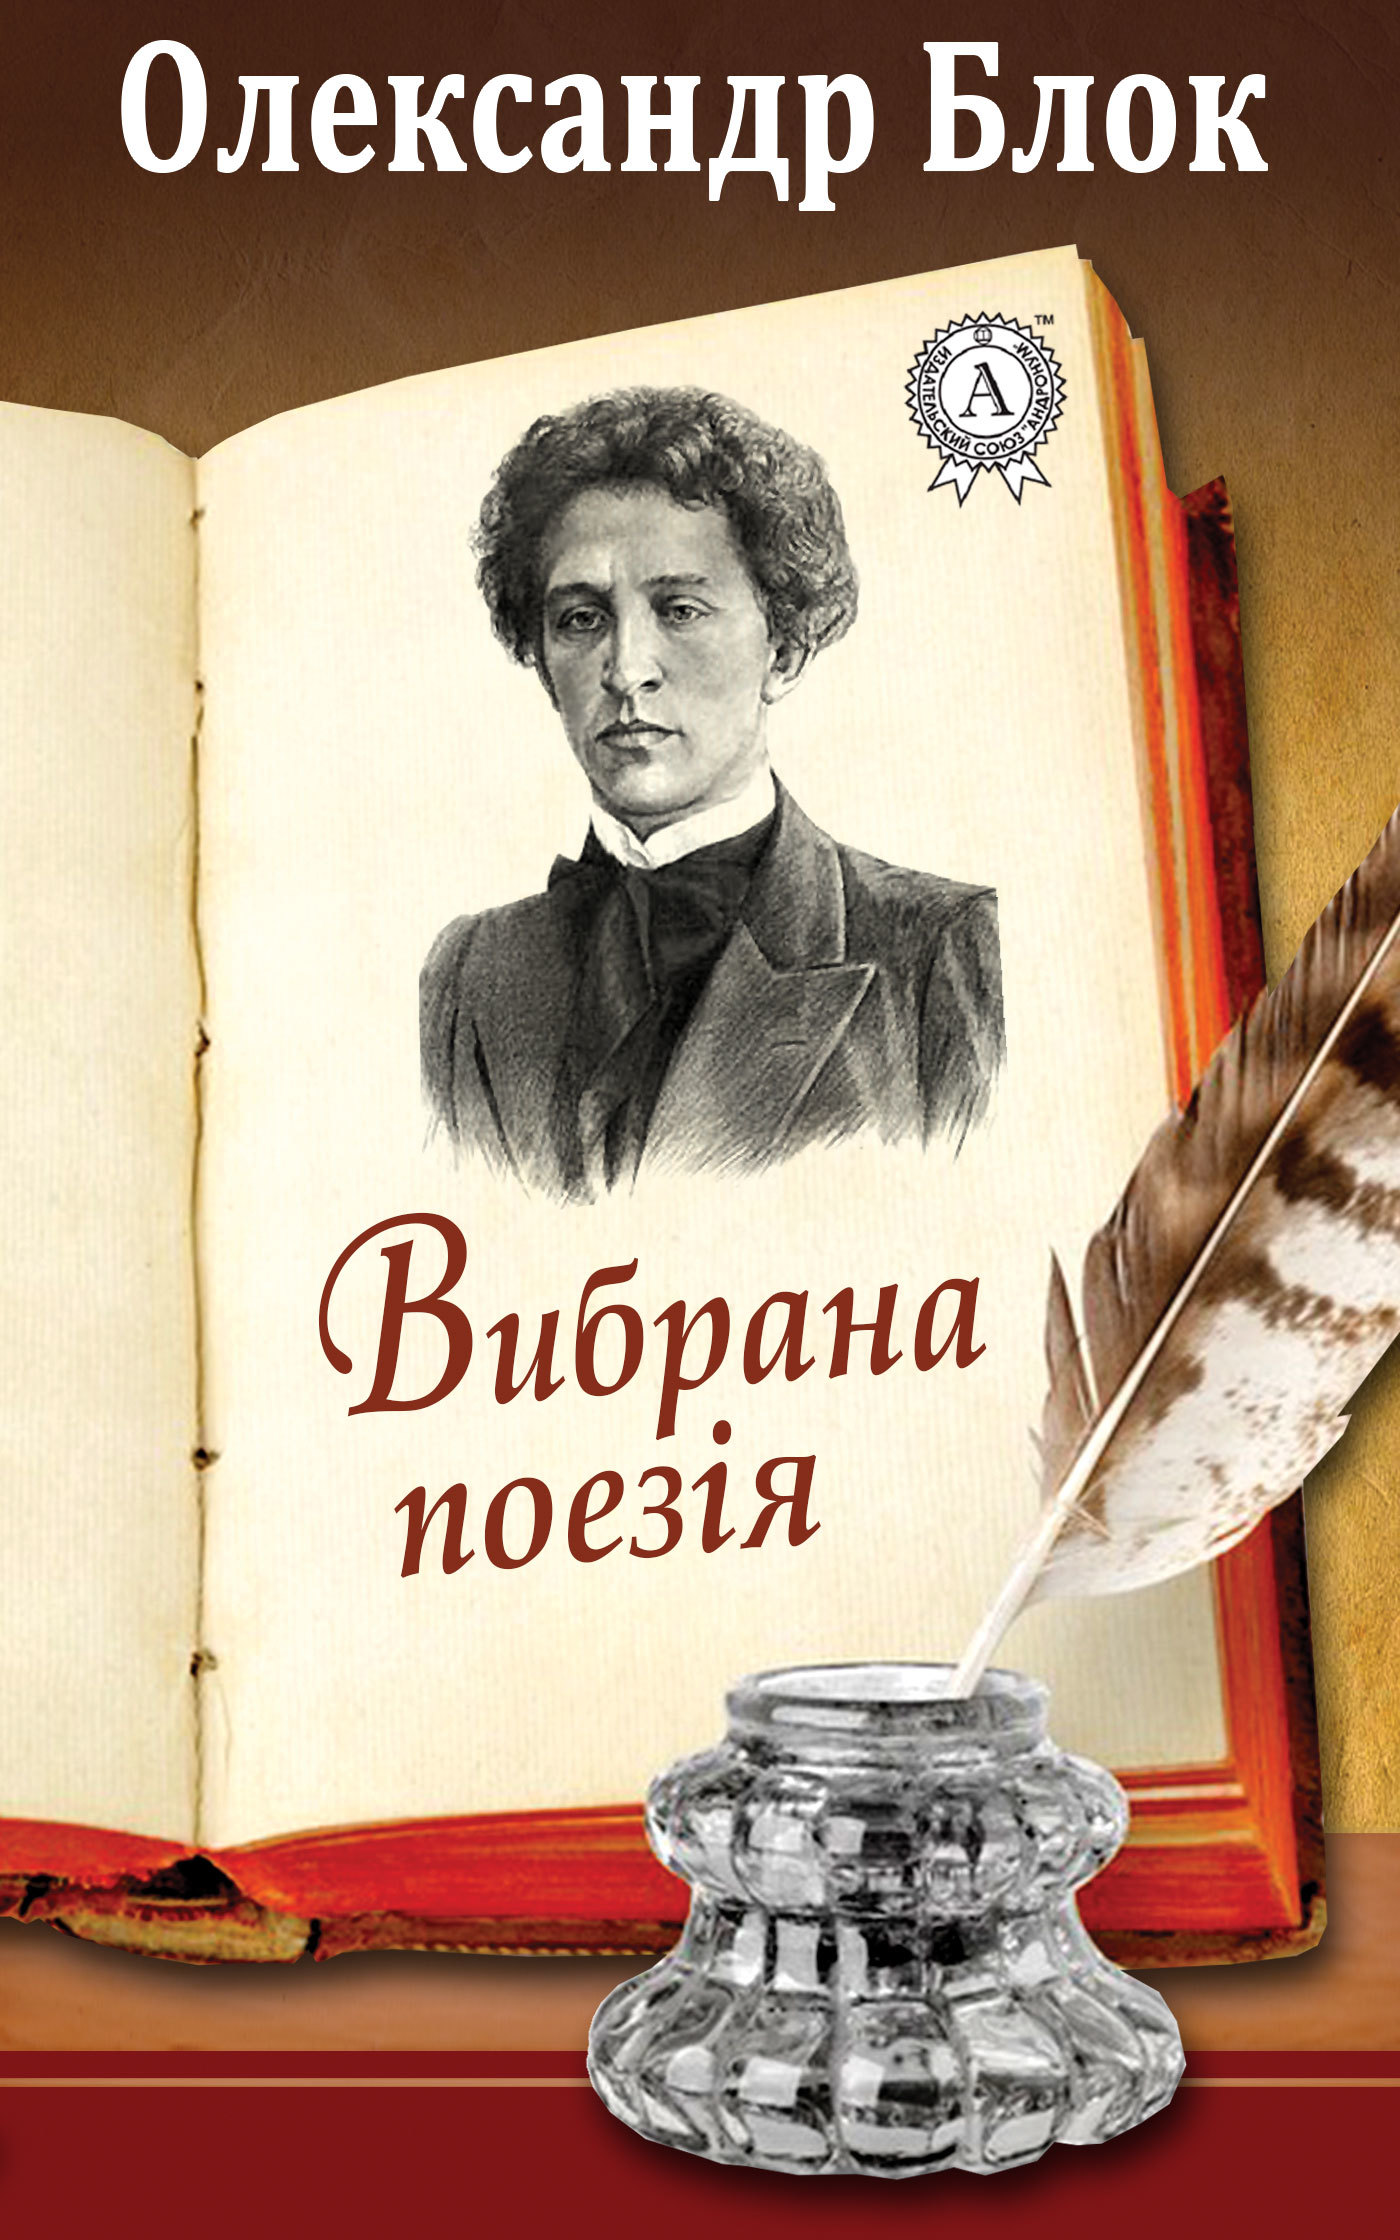 Обложка книги Вибрана поезія, автор Блок, Олександр